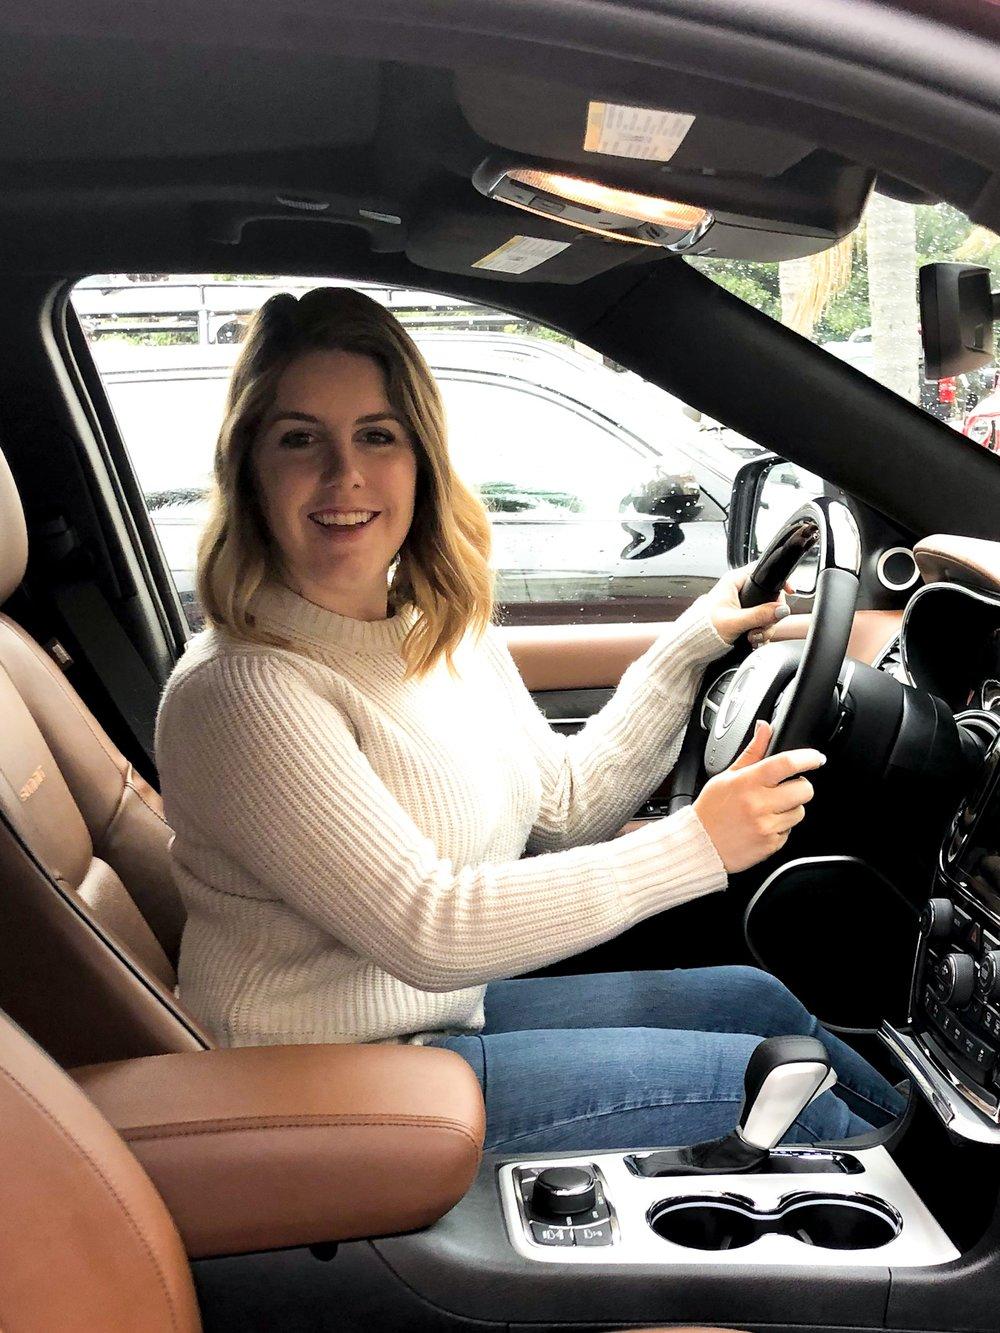 In the new car.JPG